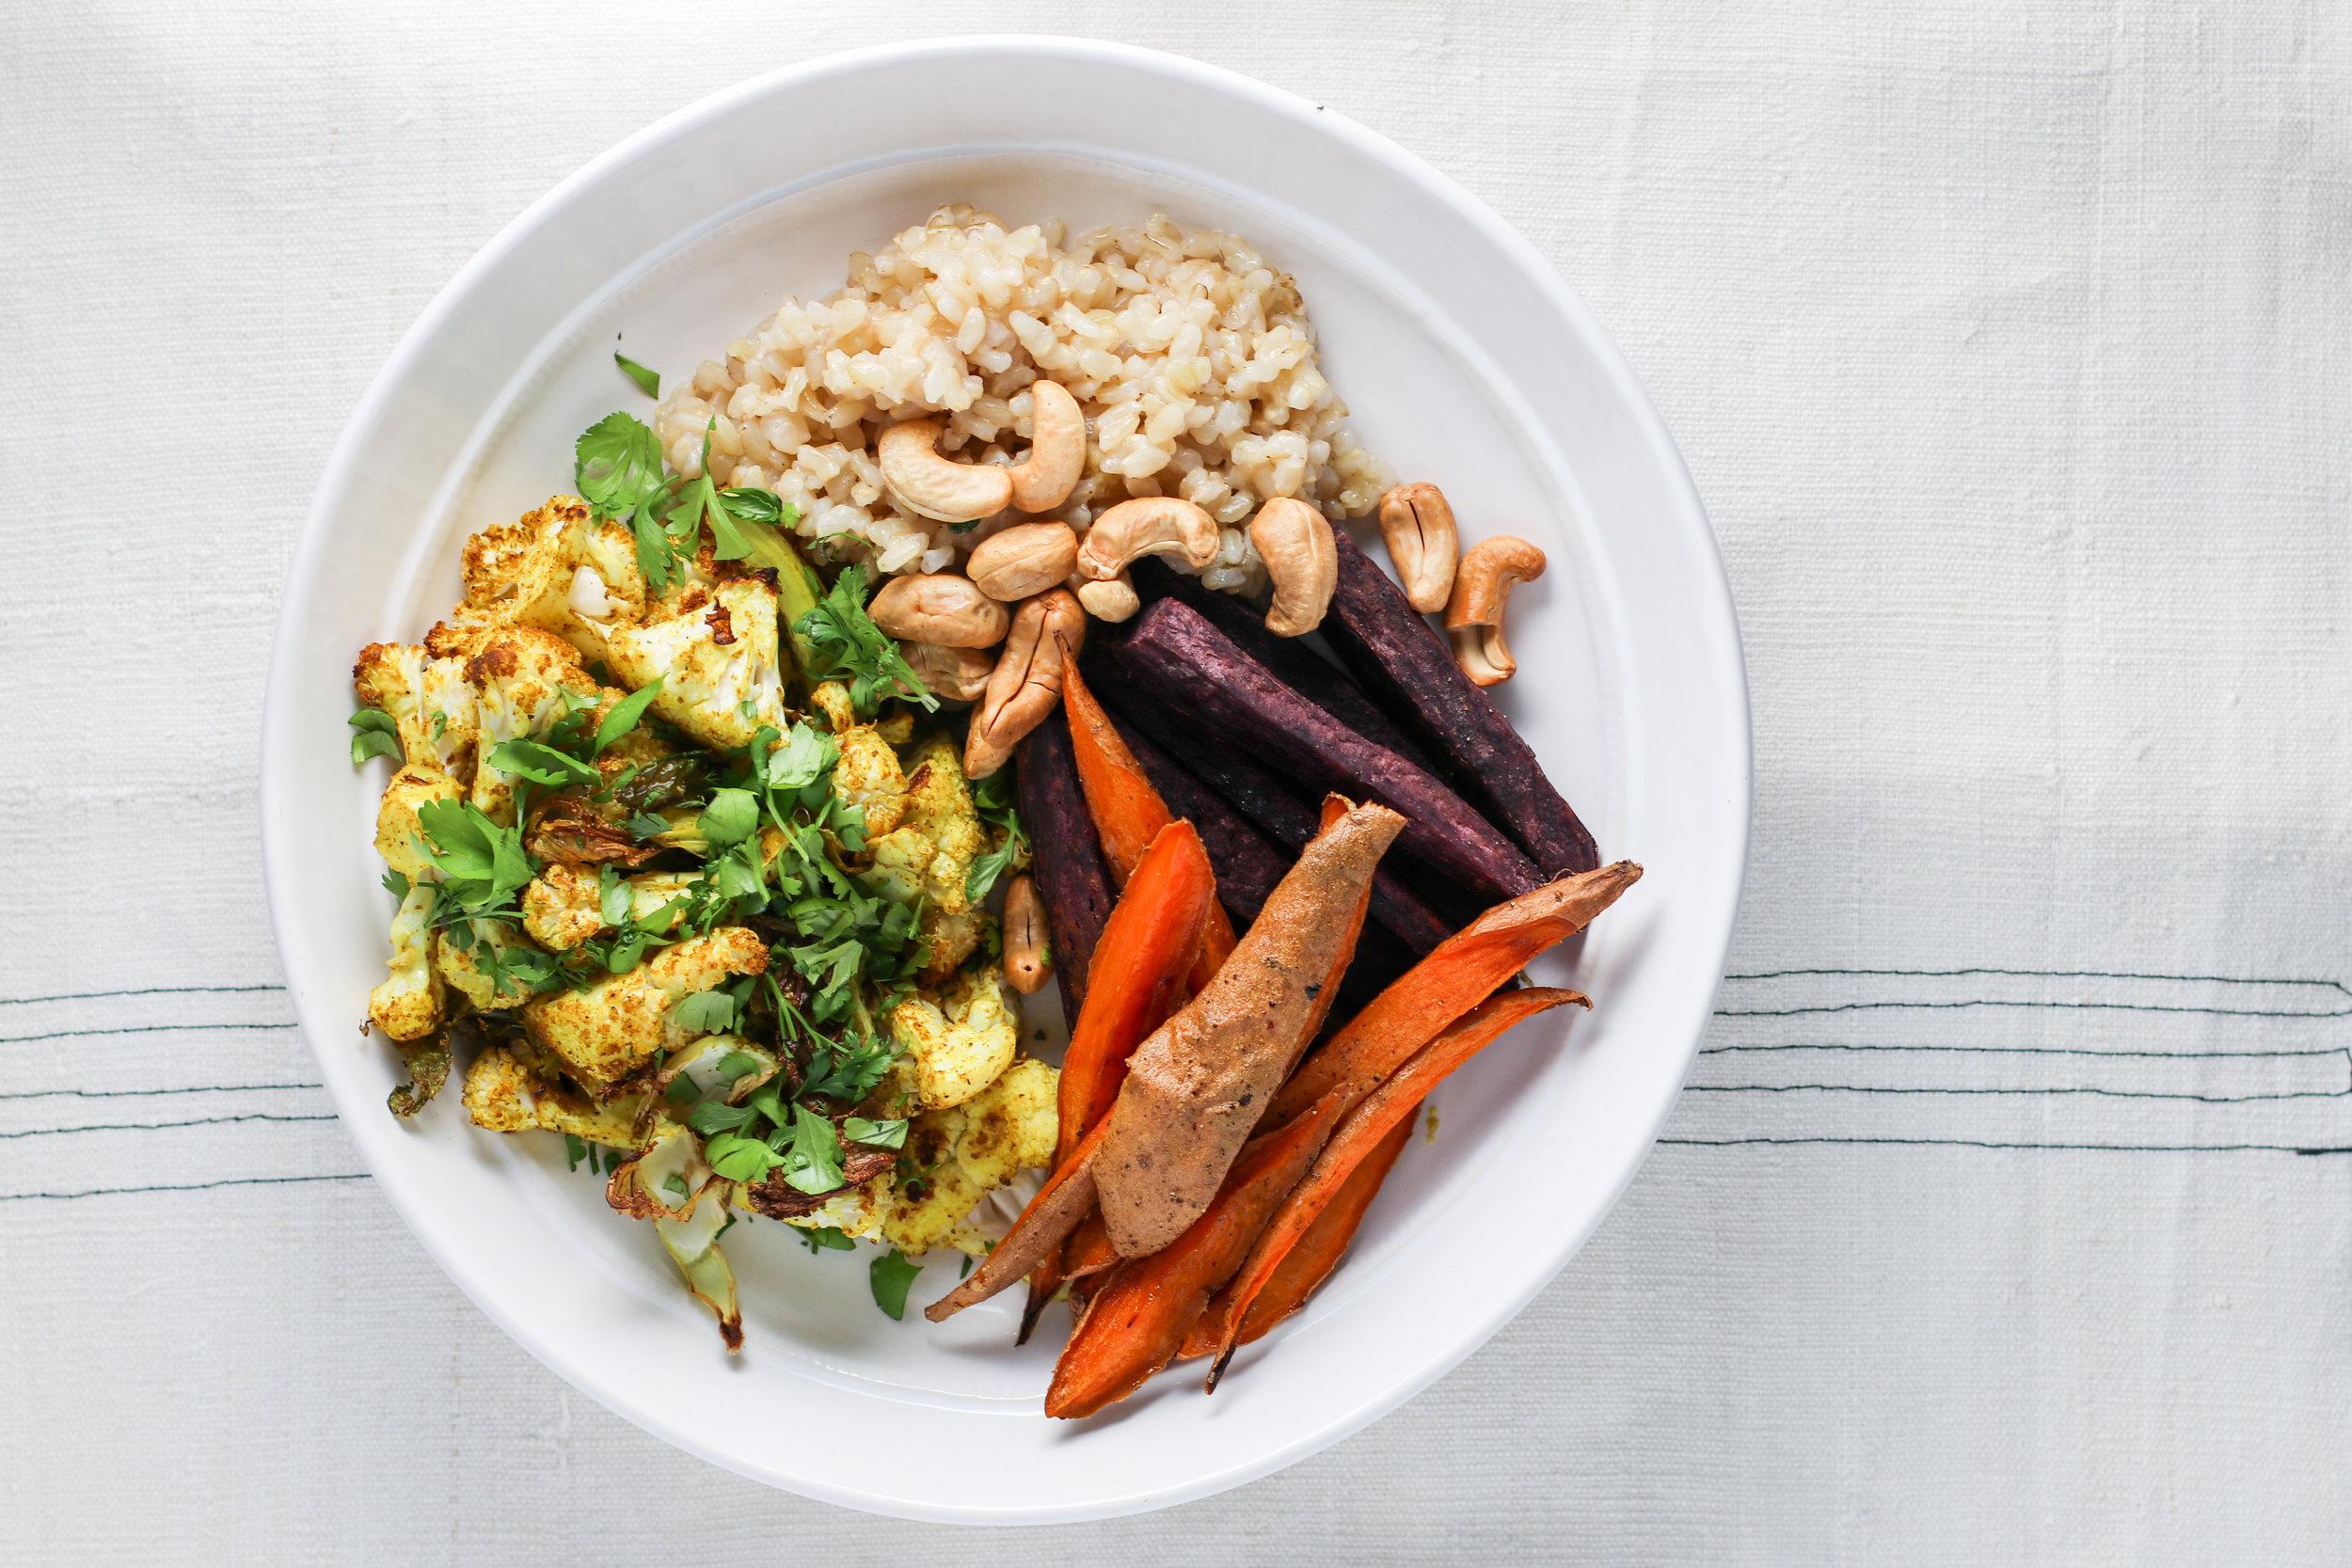 Coconut Rice, Roasted Sweet Potato Wedges, Roasted Turmeric Cauliflower, Cashews, Cilantro